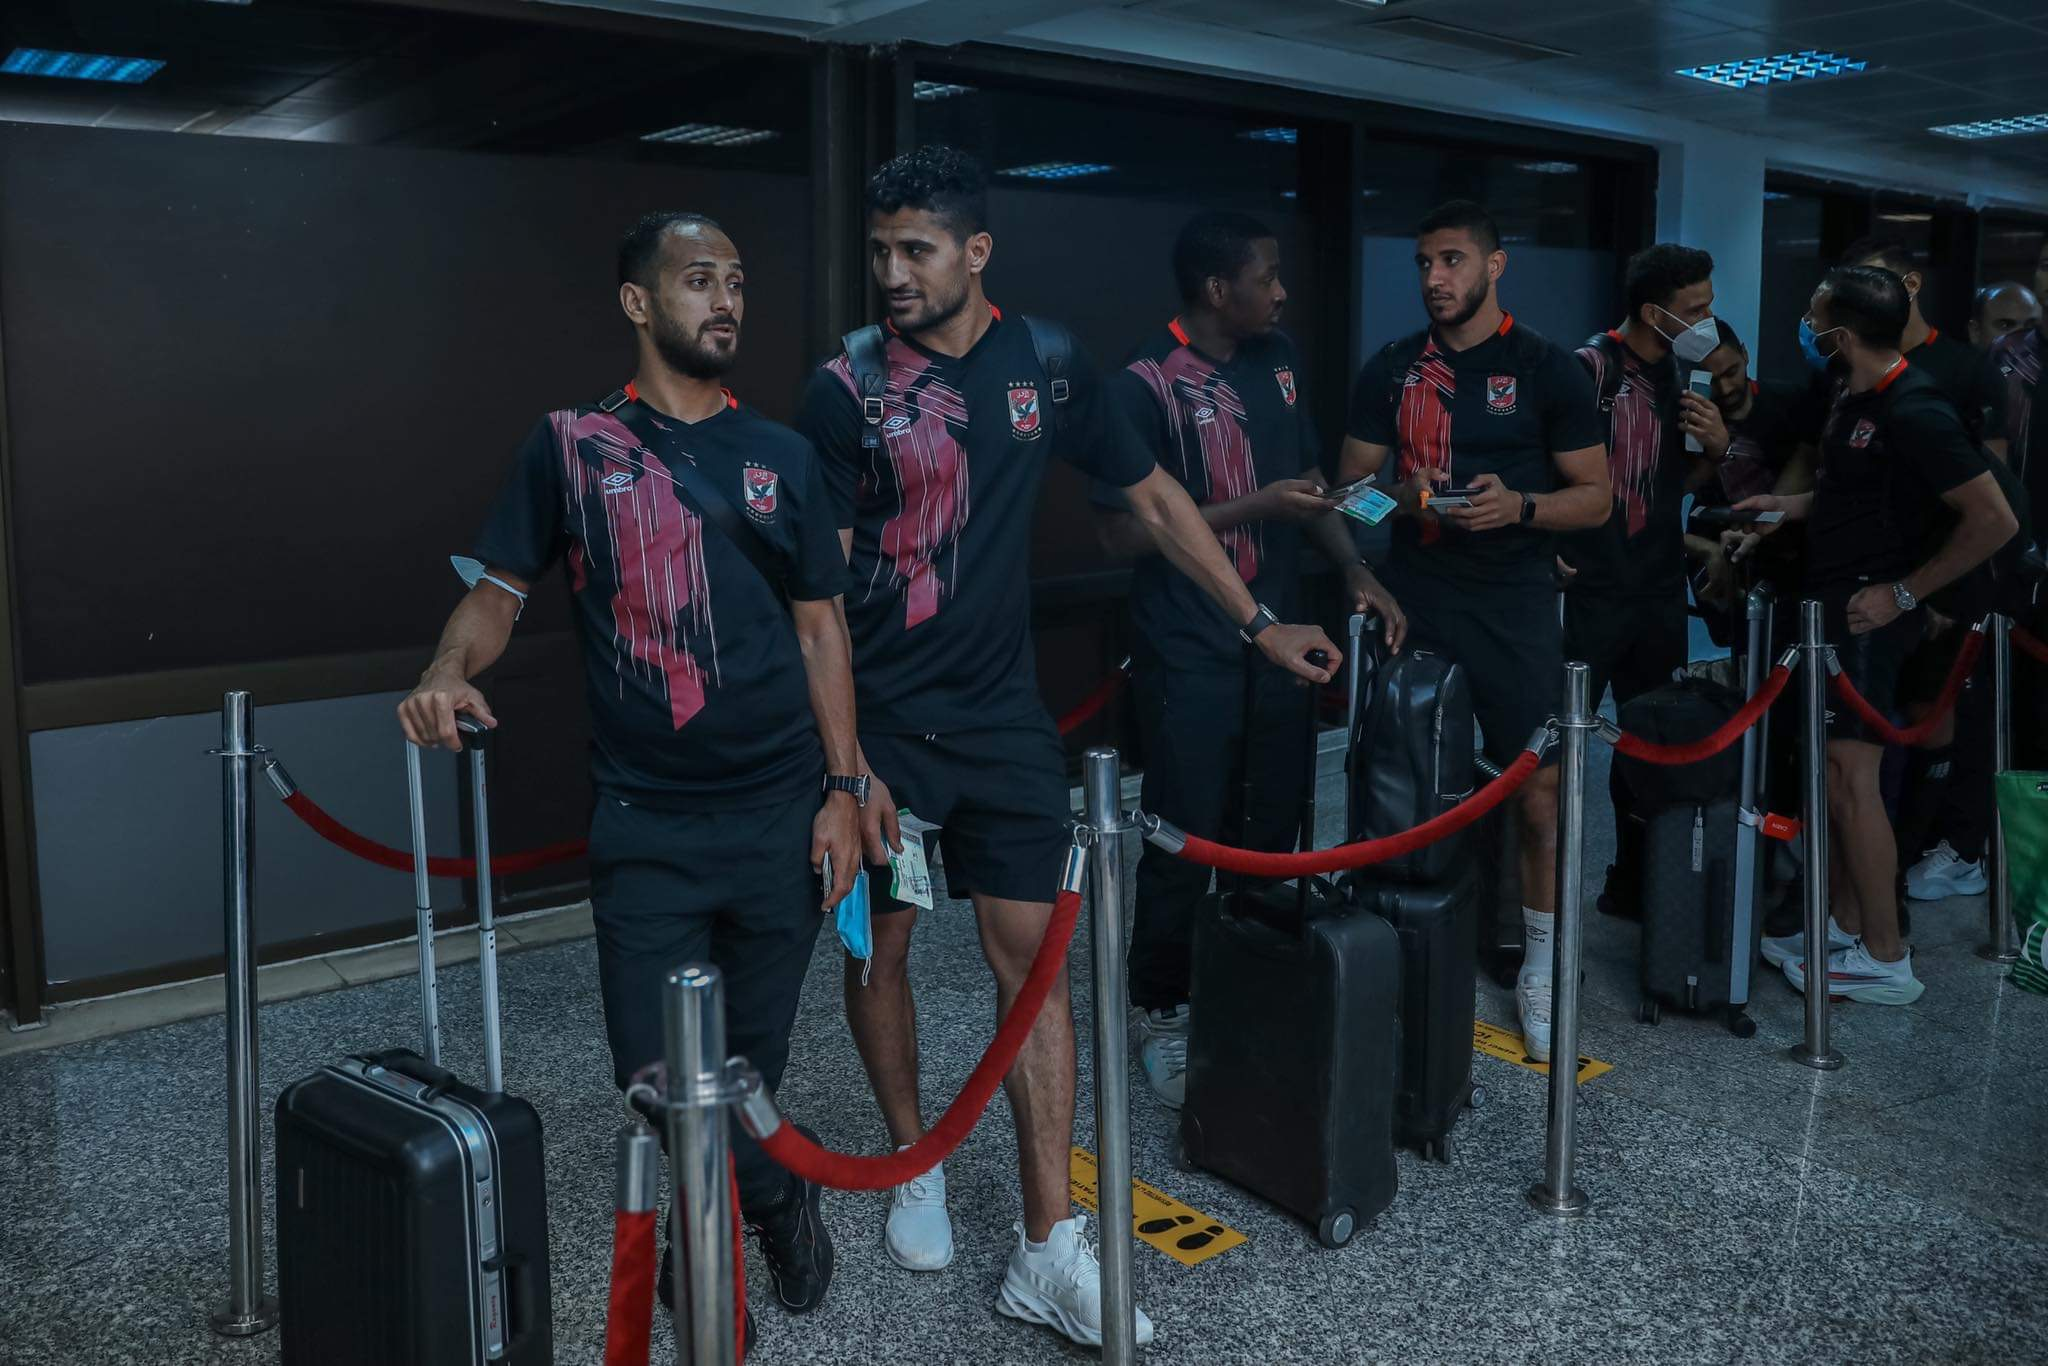 دوري أبطال إفريقيا| بعثة الأهلي تغادر مطار قرطاج في طريقها إلى القاهرة